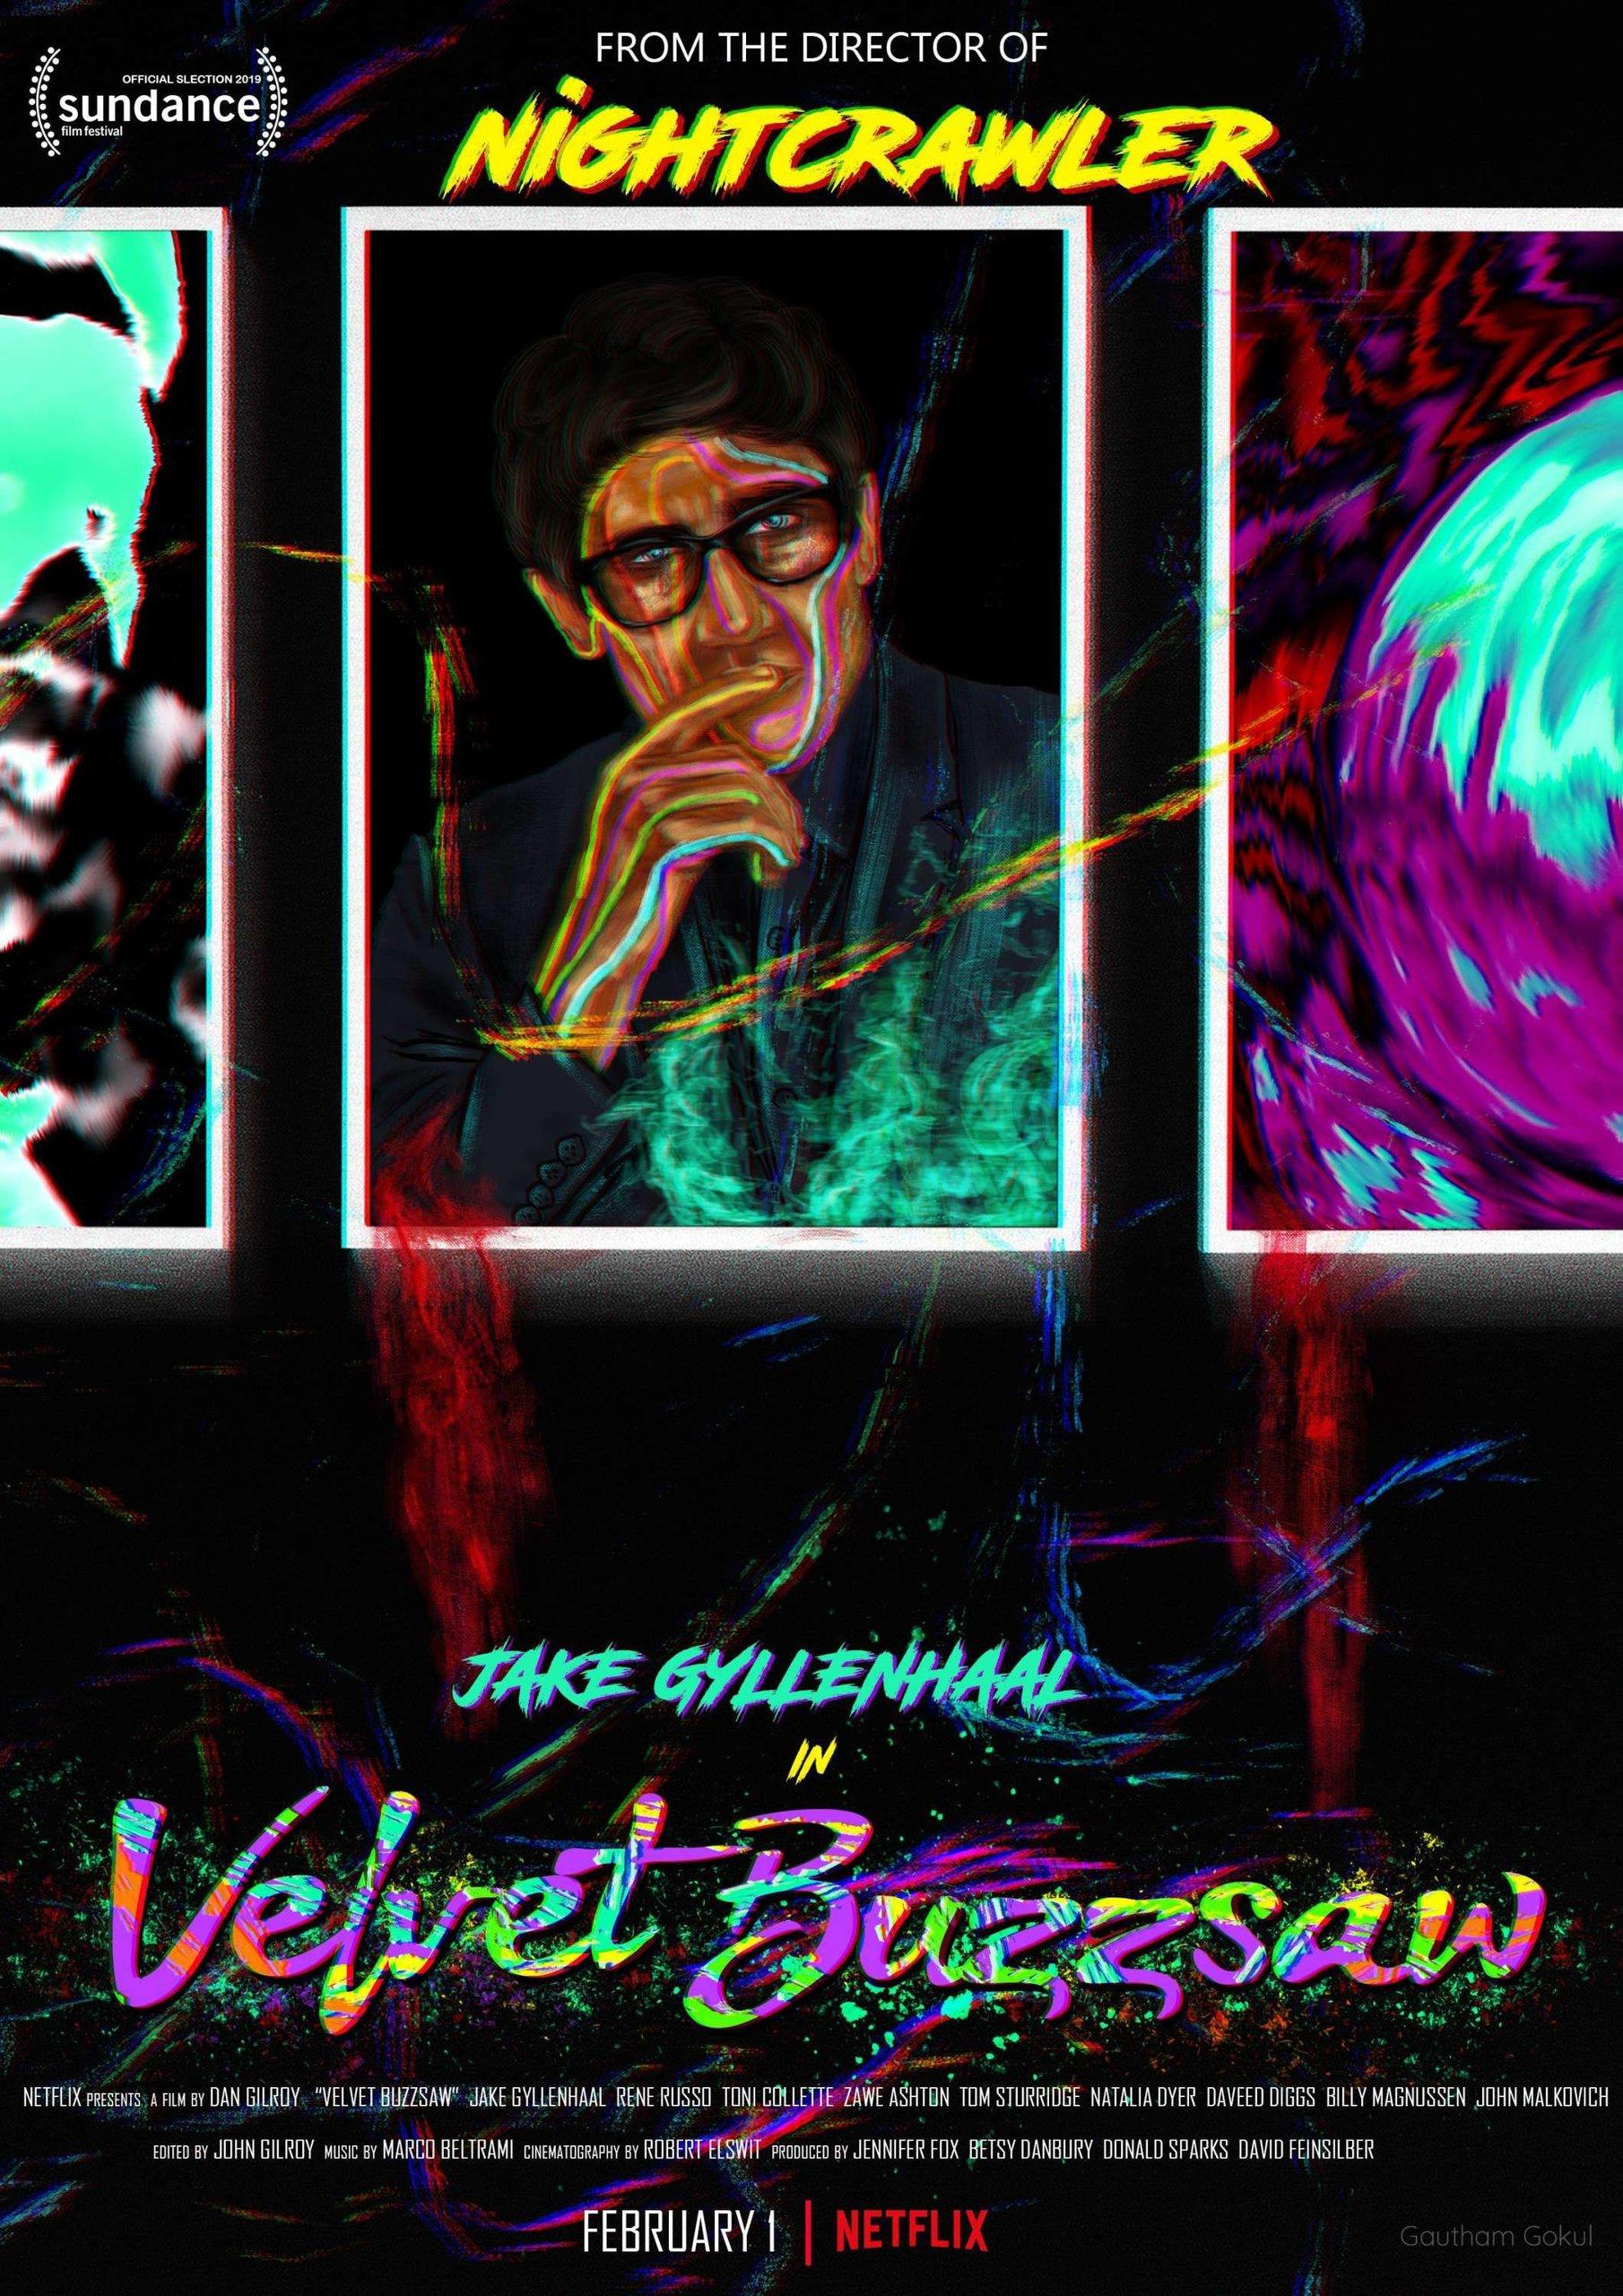 https://media.kg-portal.ru/movies/v/velvetbuzzsaw/posters/velvetbuzzsaw_1.jpg